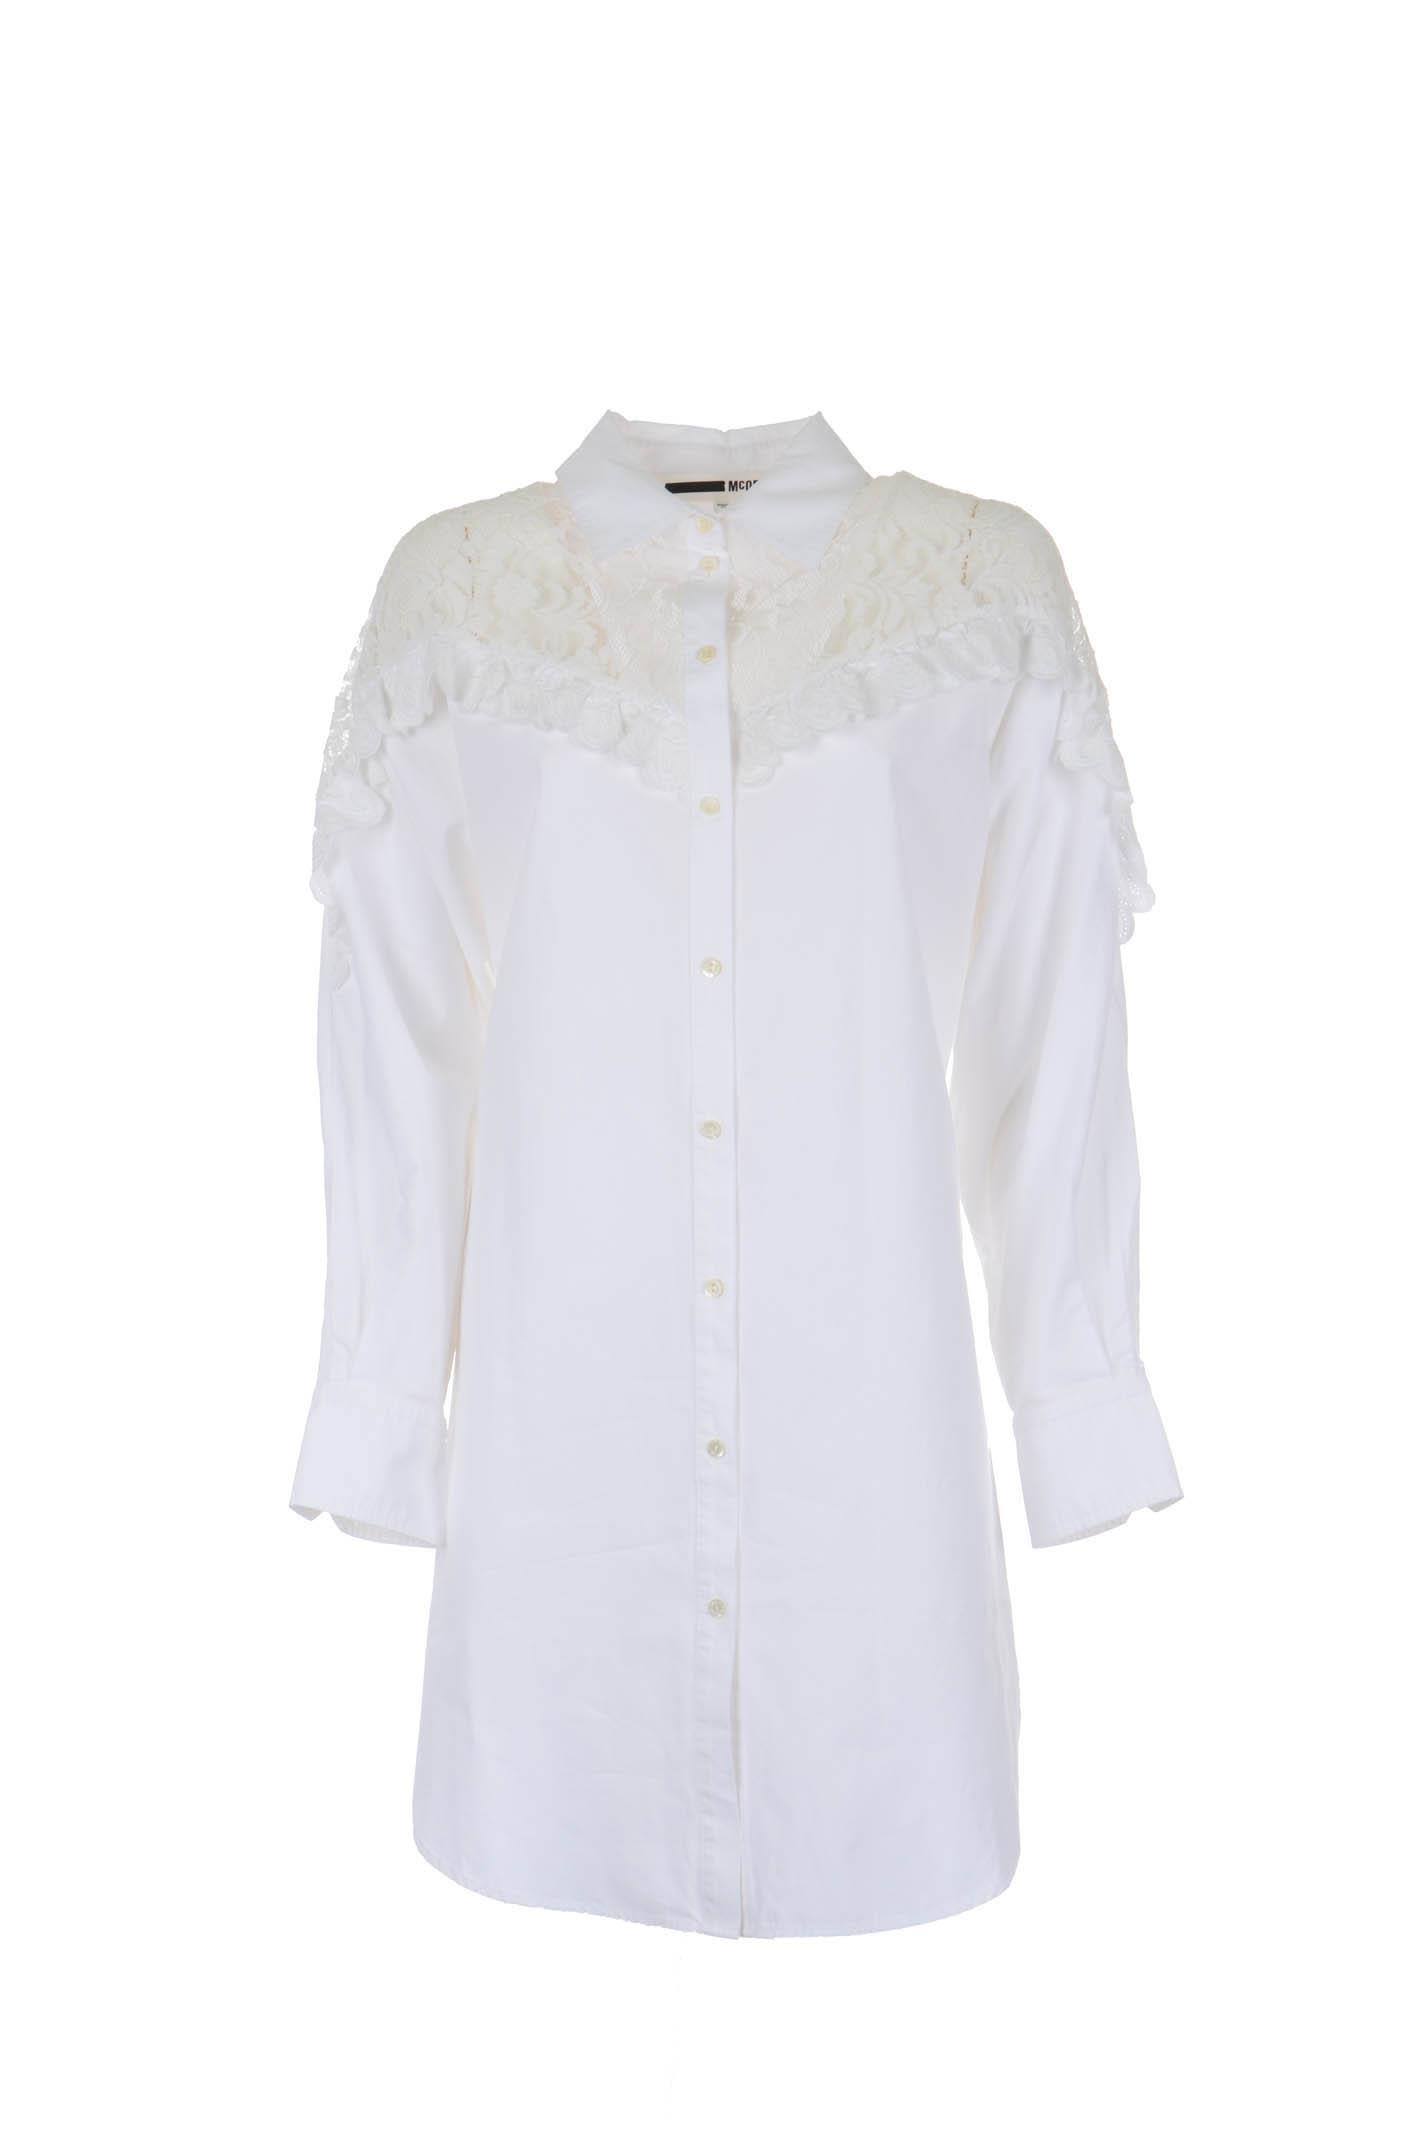 Mcq Alexander Mcqueen Shirt